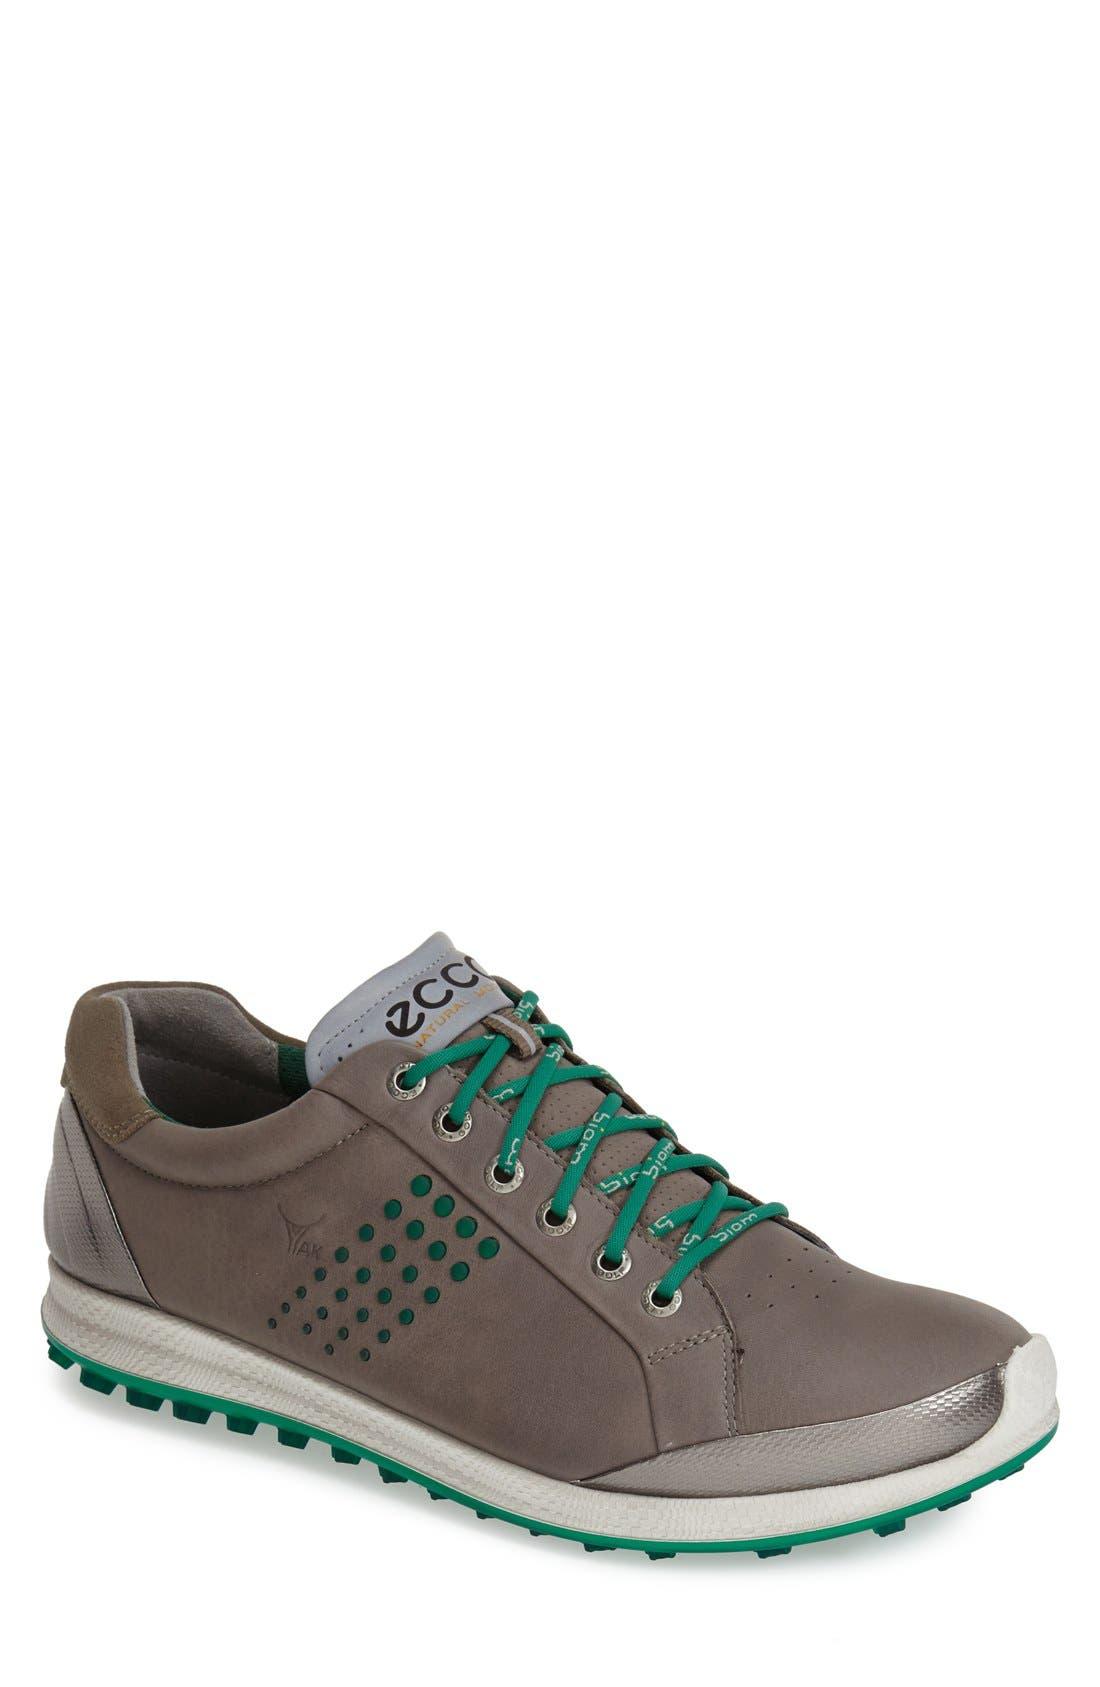 BIOM Hybrid 2 Golf Shoe,                         Main,                         color, WARM GREY/ GREEN